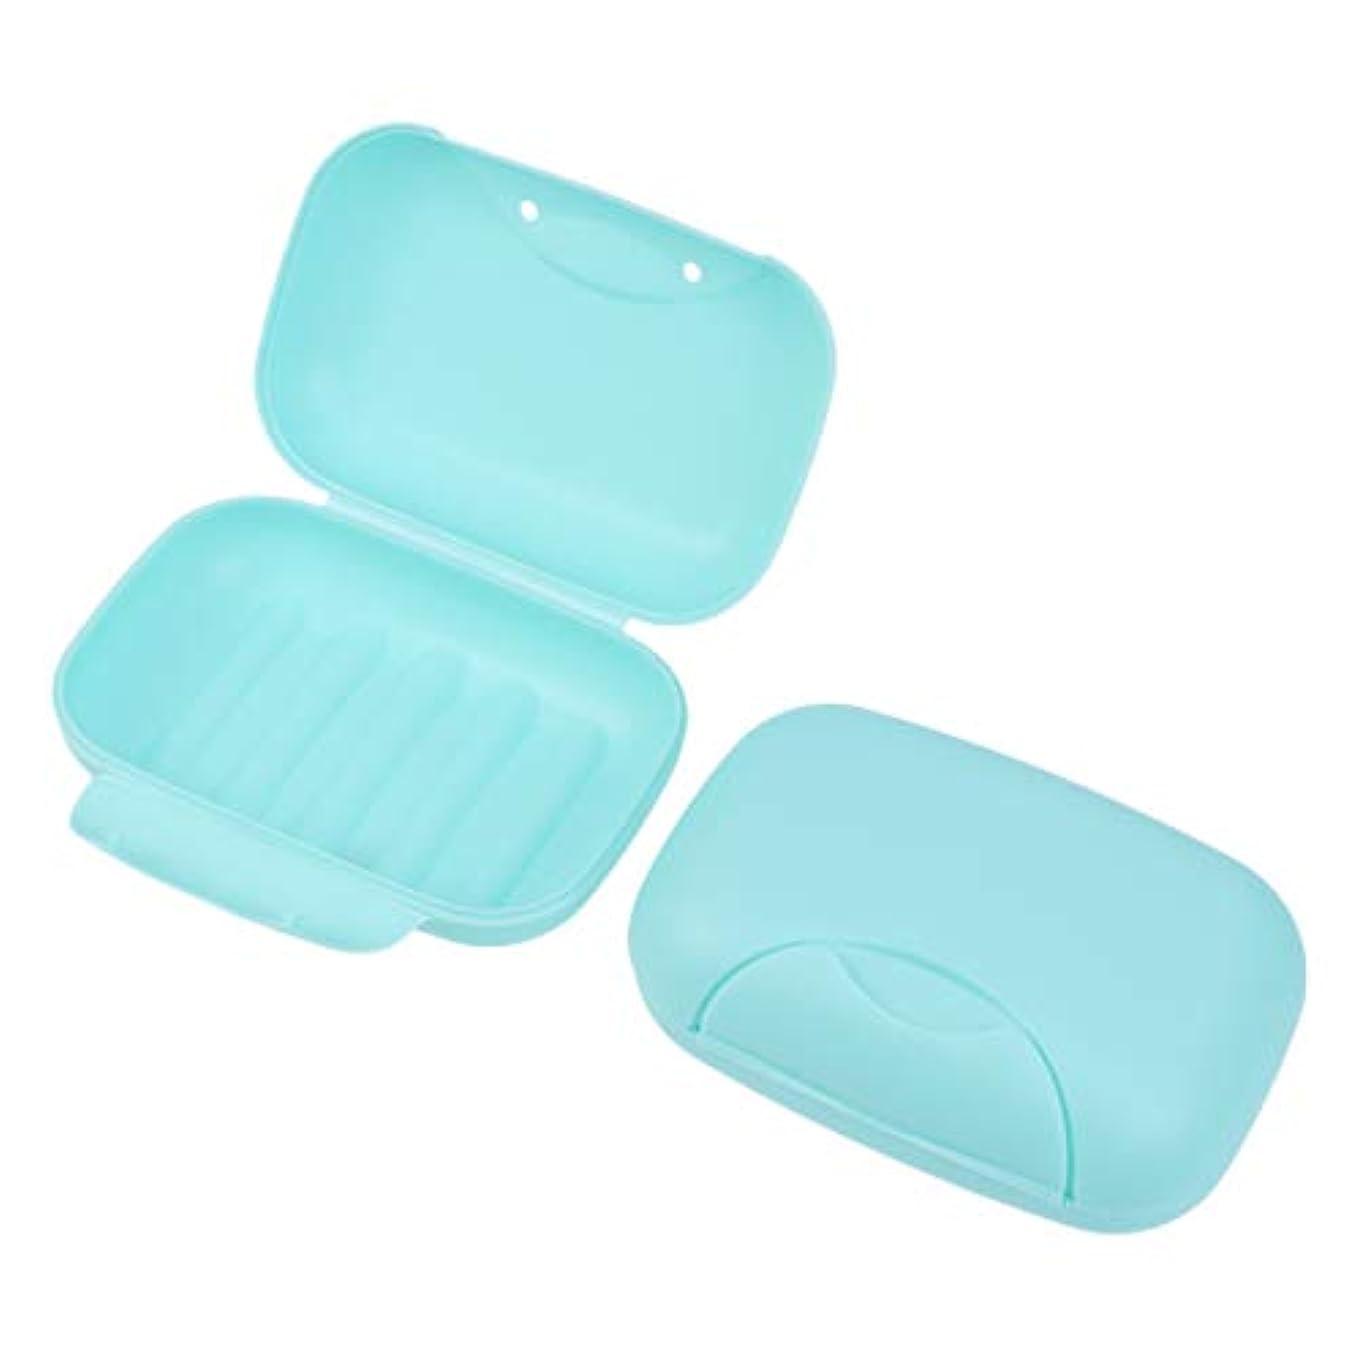 不完全なテント不機嫌そうなHealifty 旅行用ソープボックス防水石鹸皿ソープホルダー2個(青)